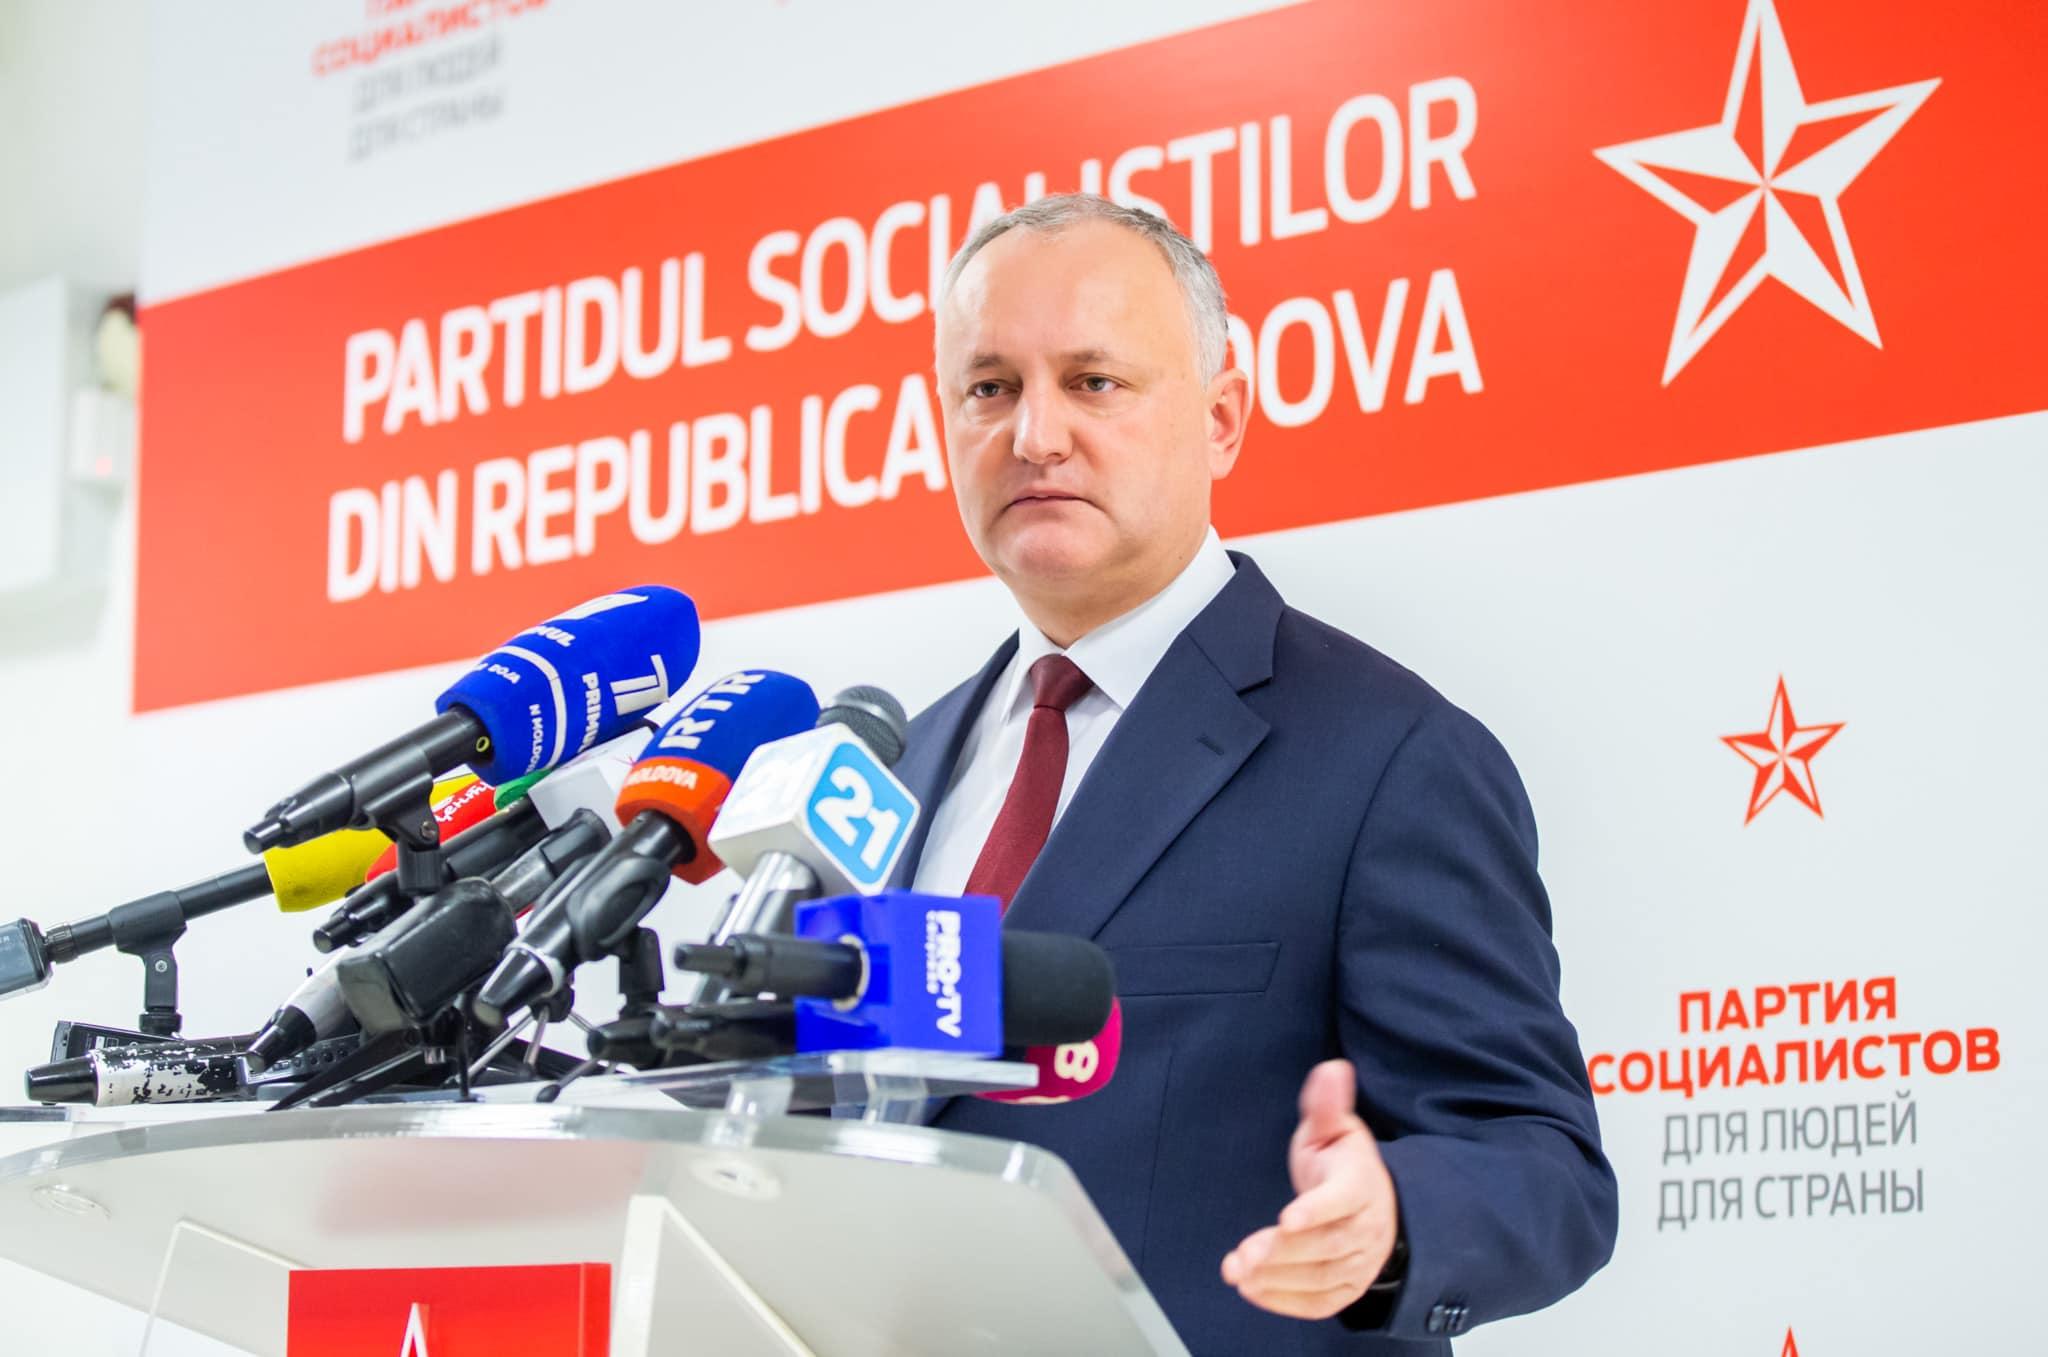 Dodon: În următoarele zile vom înainta candidatura din nou la funcția de prim-ministru din partea majorității parlamentare